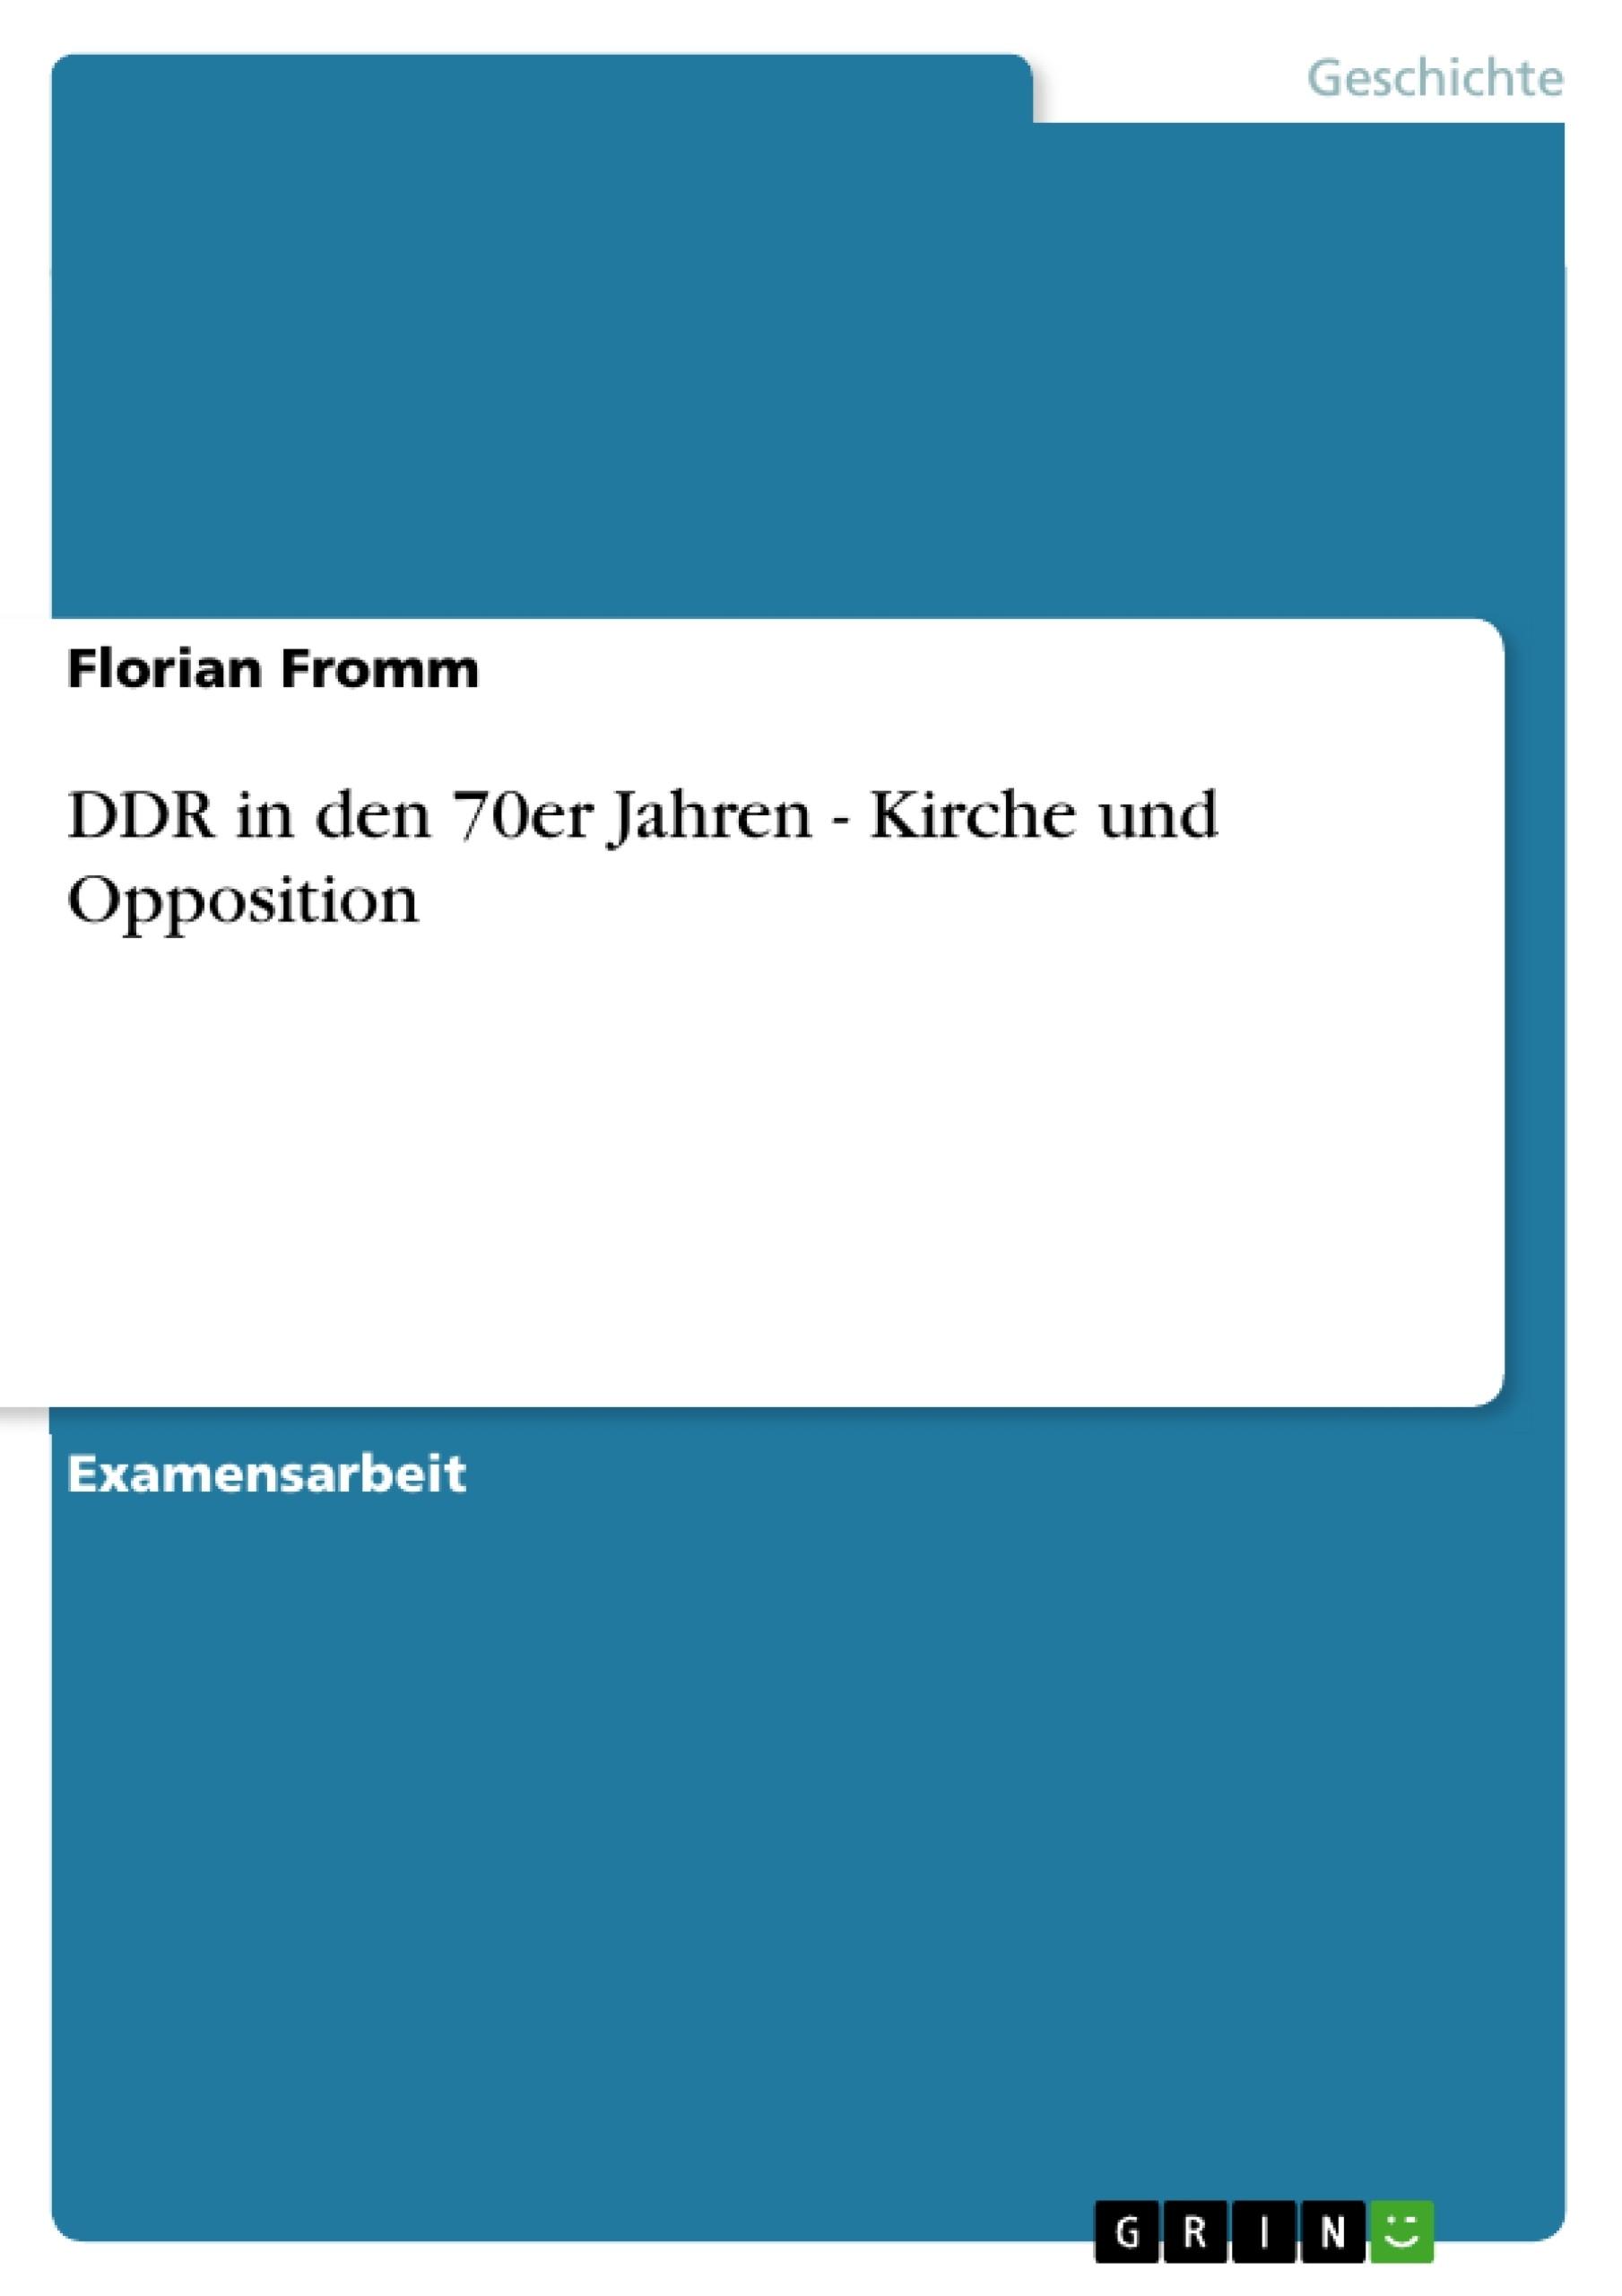 Titel: DDR in den 70er Jahren - Kirche und Opposition